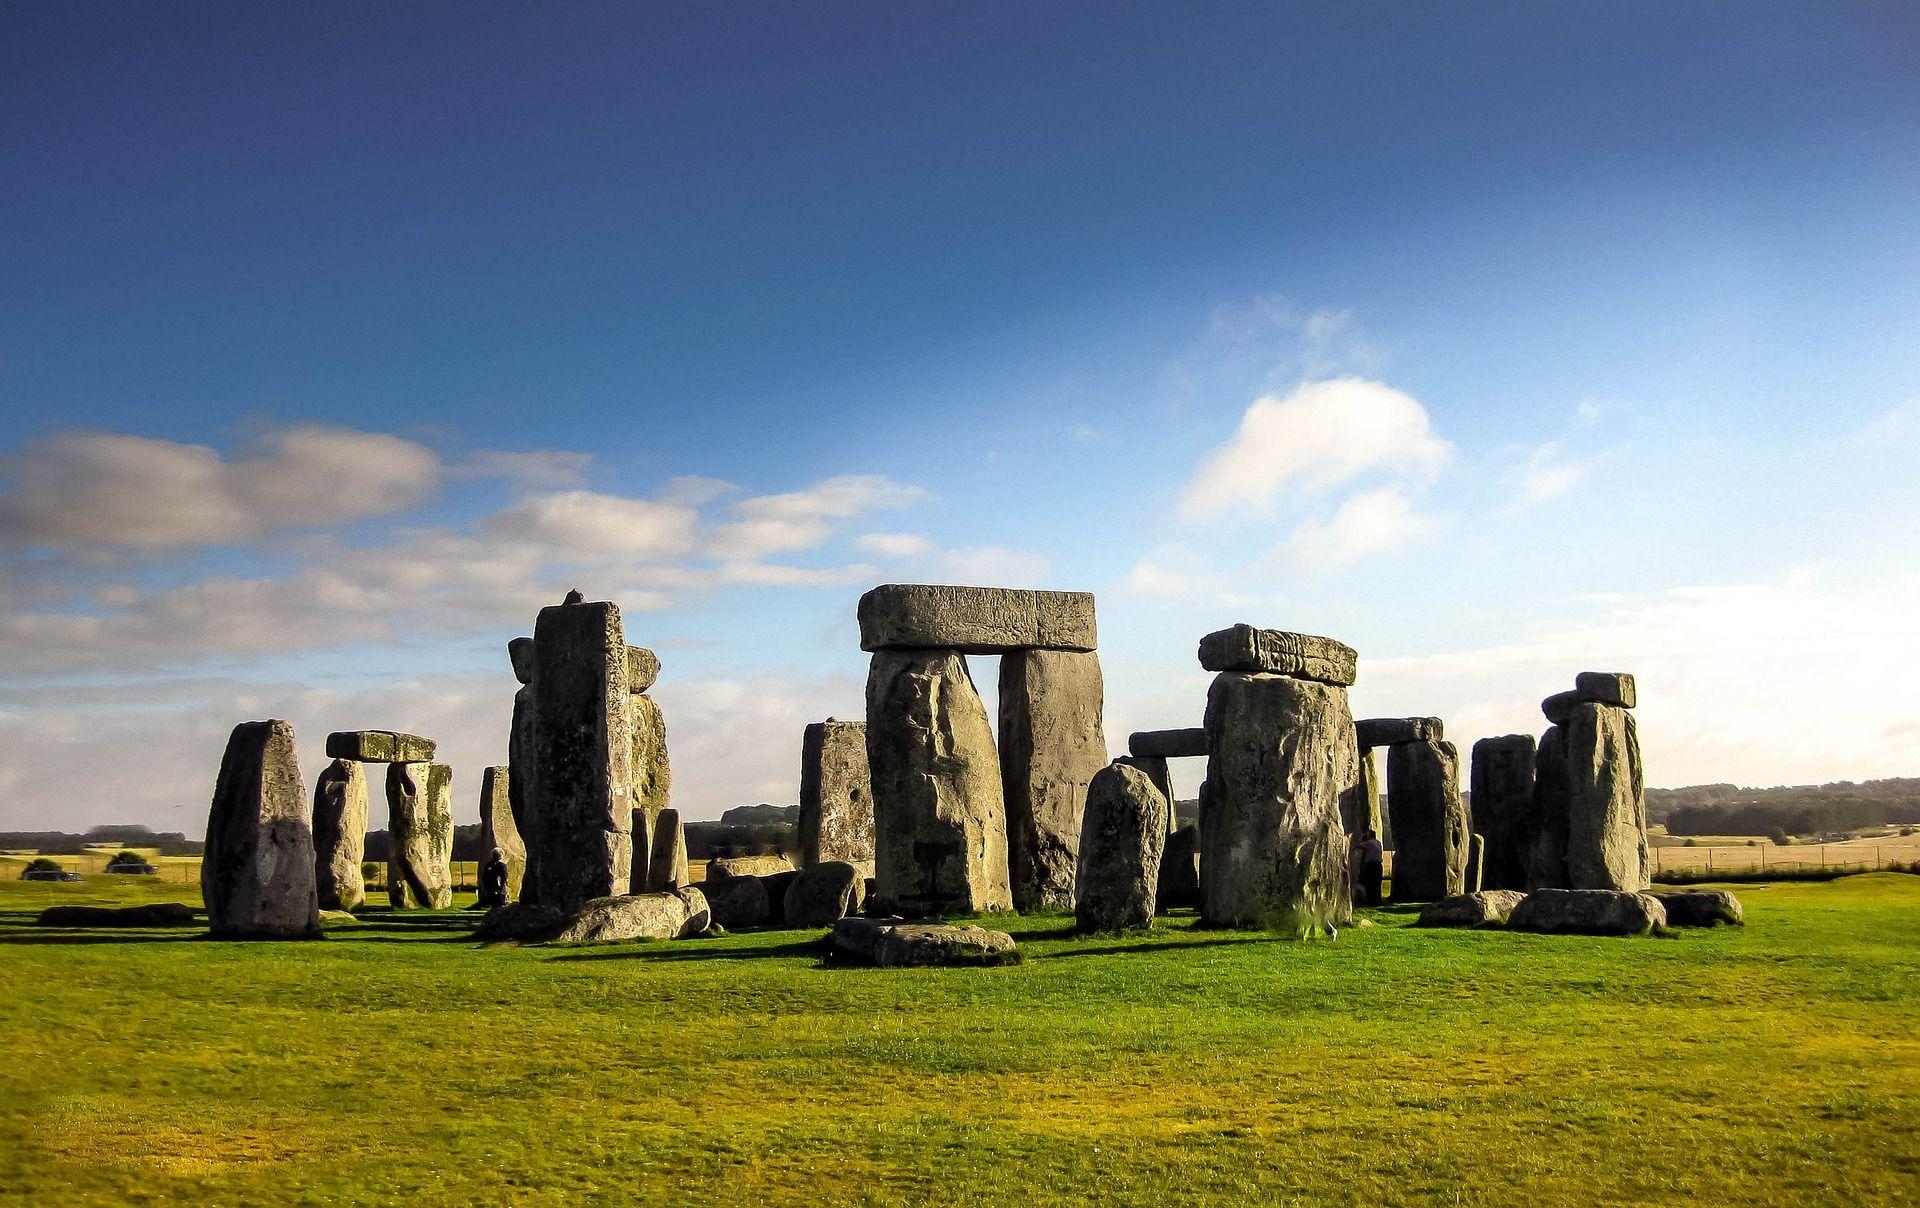 『經典歐洲』英國9日~中世紀古堡之旅、最美湖區遊船體驗、必訪雙學城、典藏大英博物館、謎樣史前巨石群、OUTLET購物趣《愛丁堡連泊2晚、英式下午茶、米其林饗宴、贈送倫敦眼》[含稅]